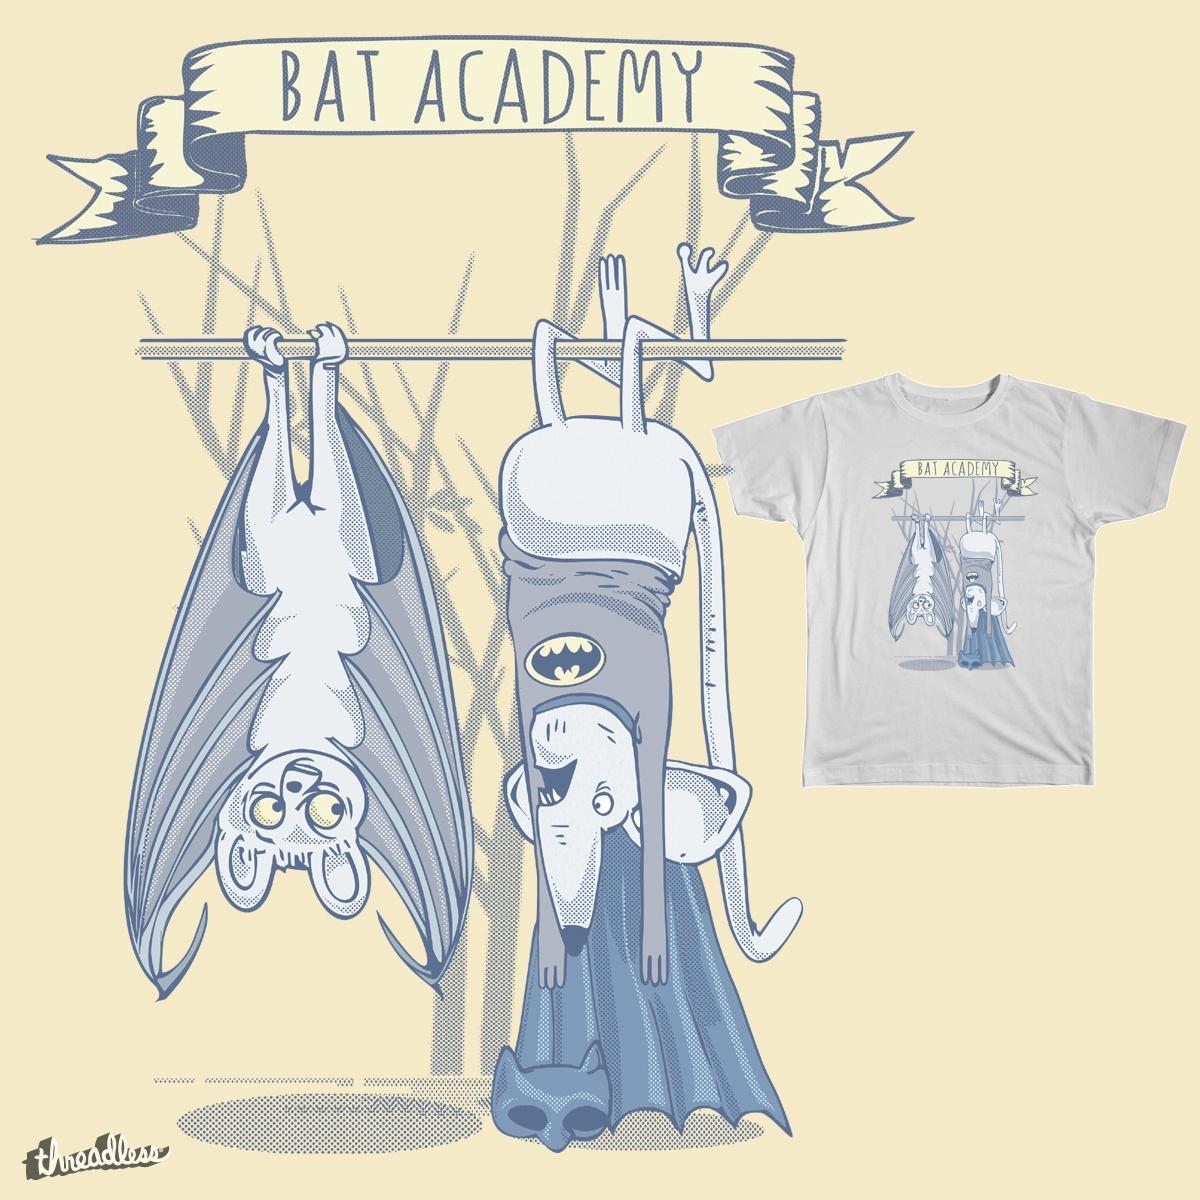 Bat Academy by weoos_02 on Threadless